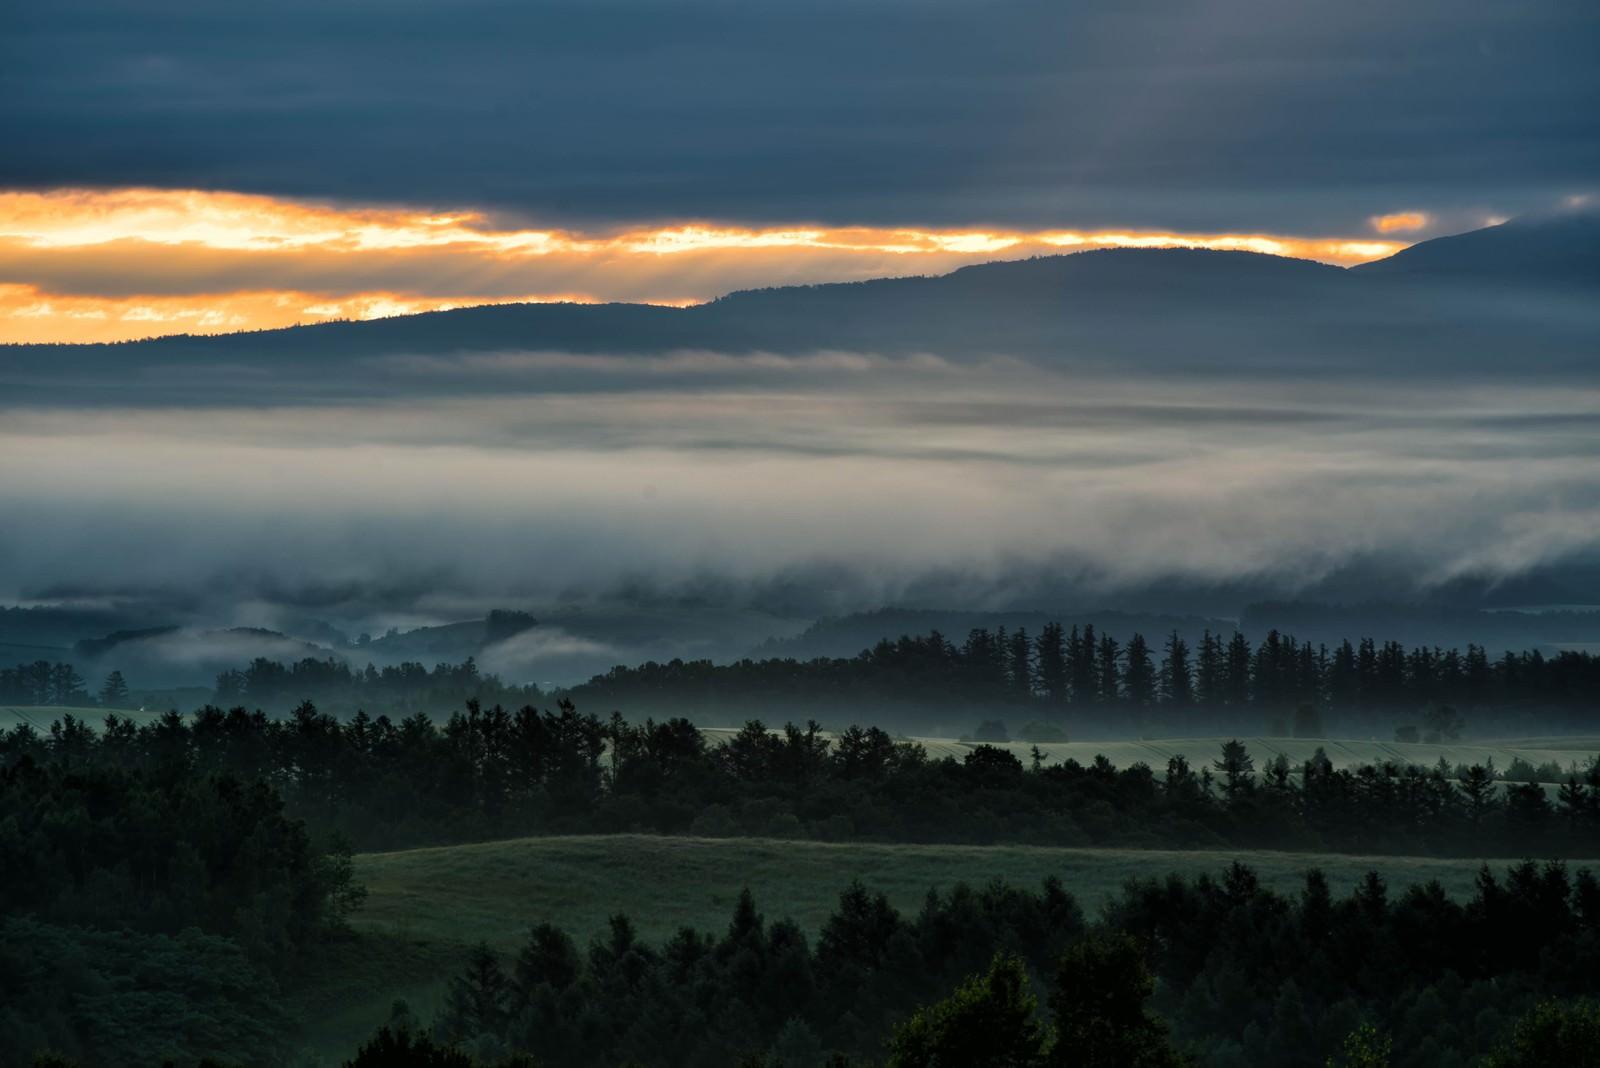 「朝霧に包まれる美瑛町の朝焼け」の写真